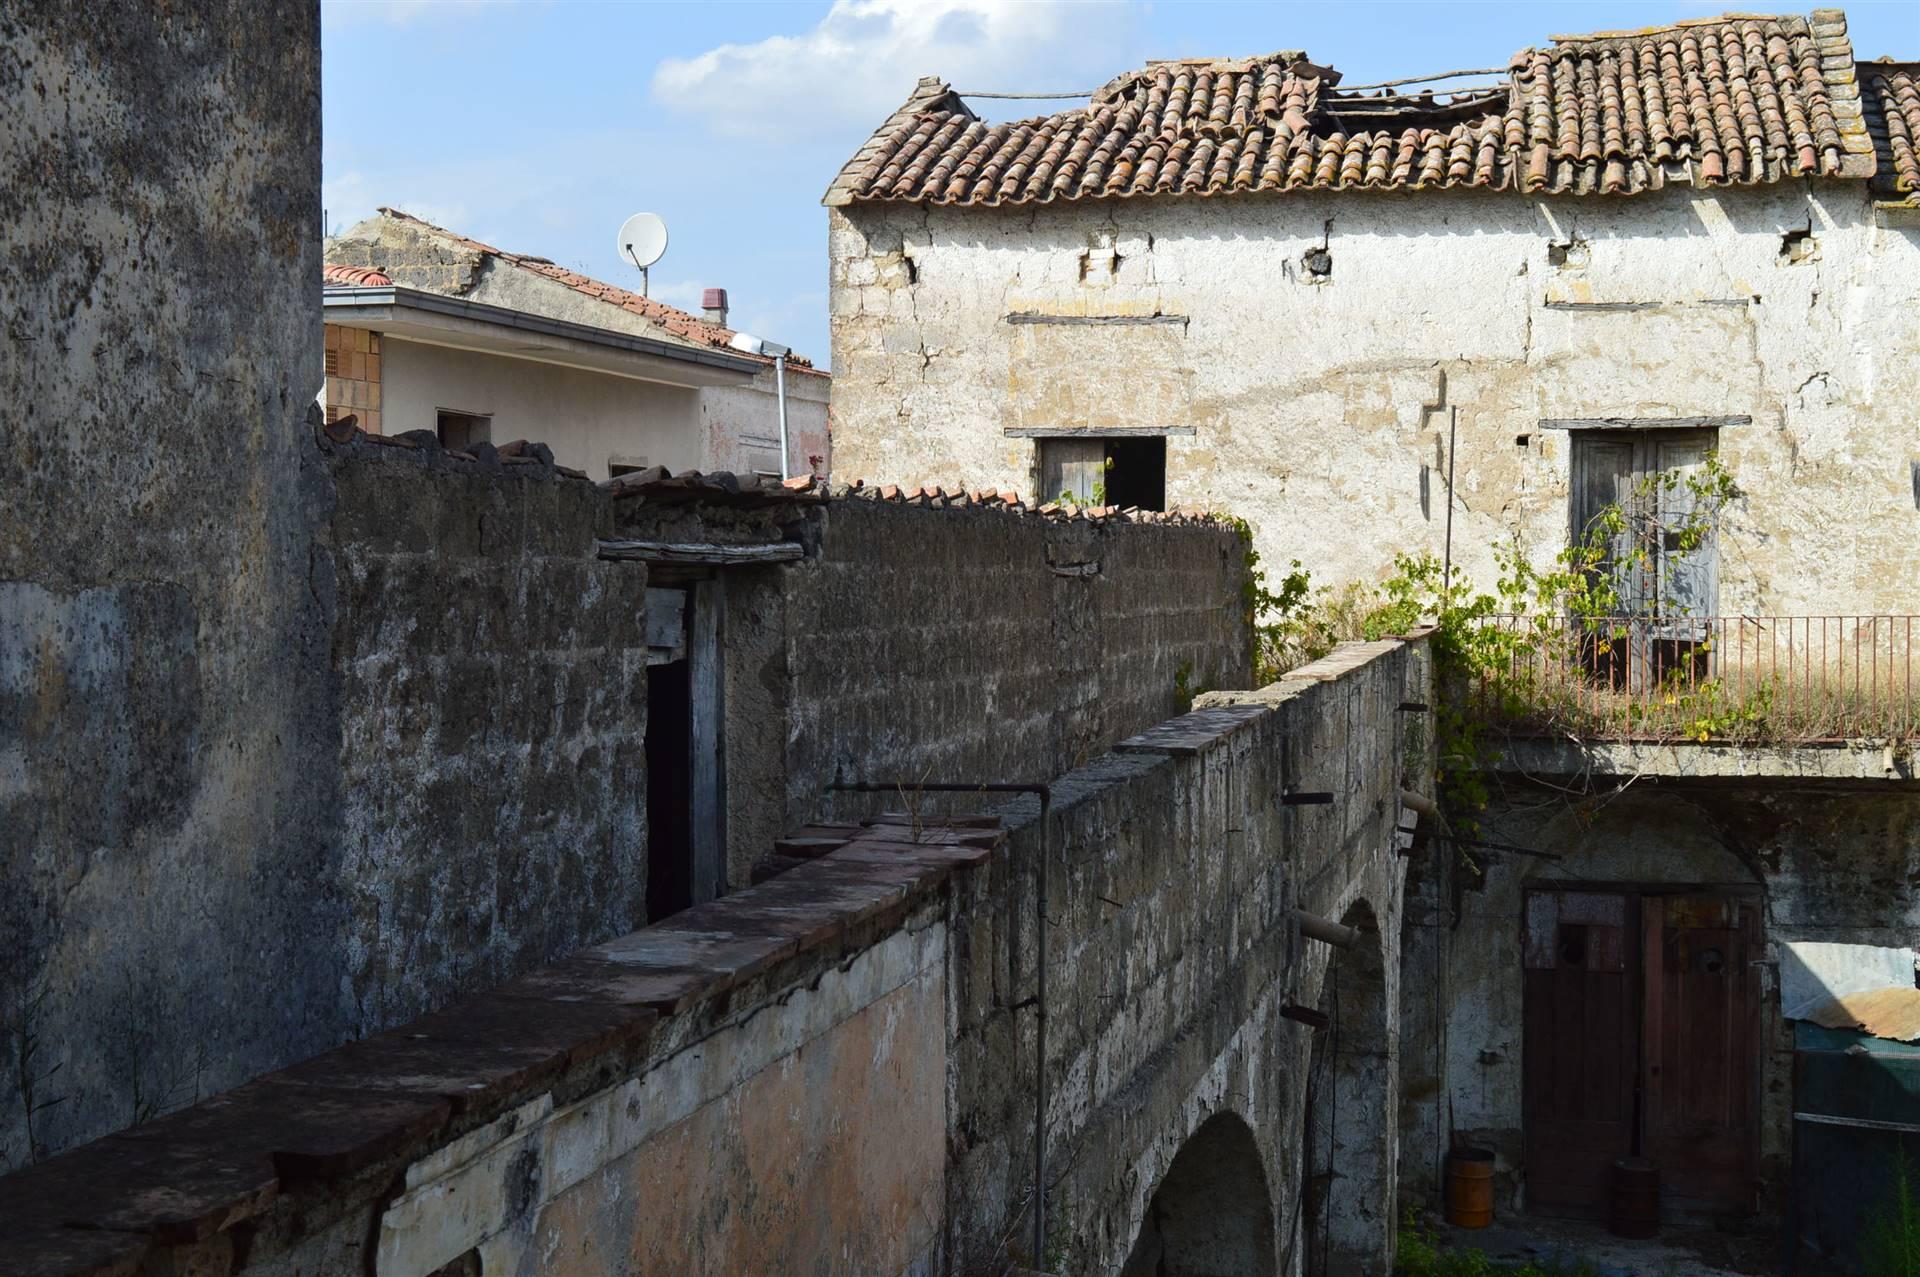 SV020F-Stabile-MACERATA-CAMPANIA-Via-Petrarca-